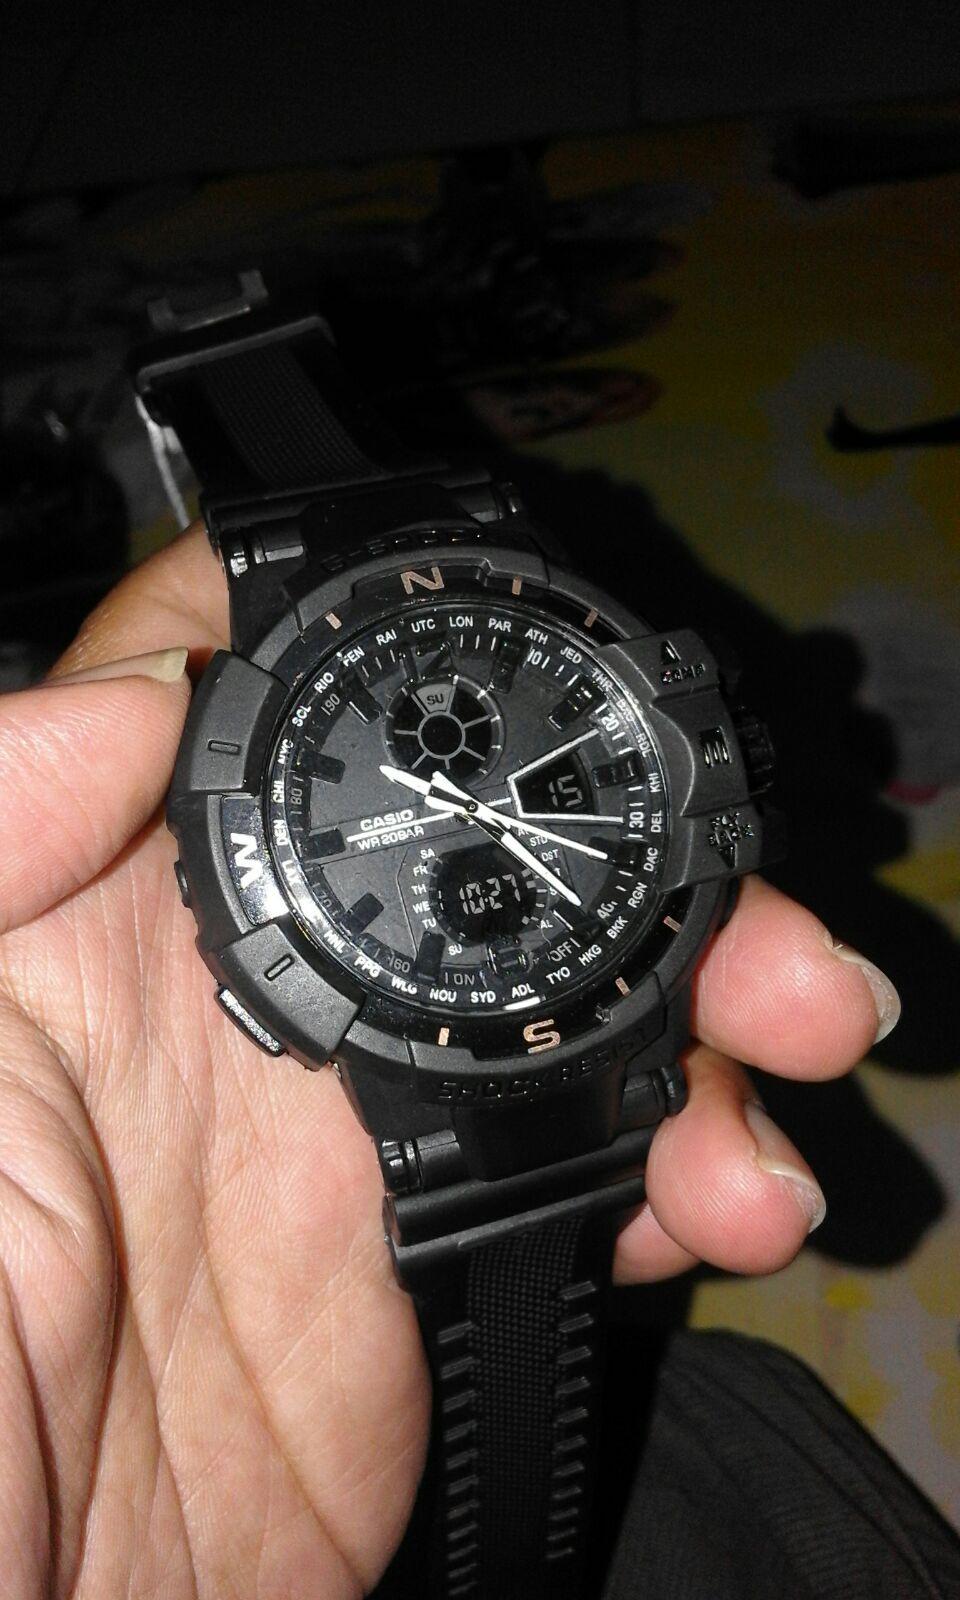 jam tangan gshock gwa 1100 g shock gw a 1100 gw a1100 gwa1100 full bla